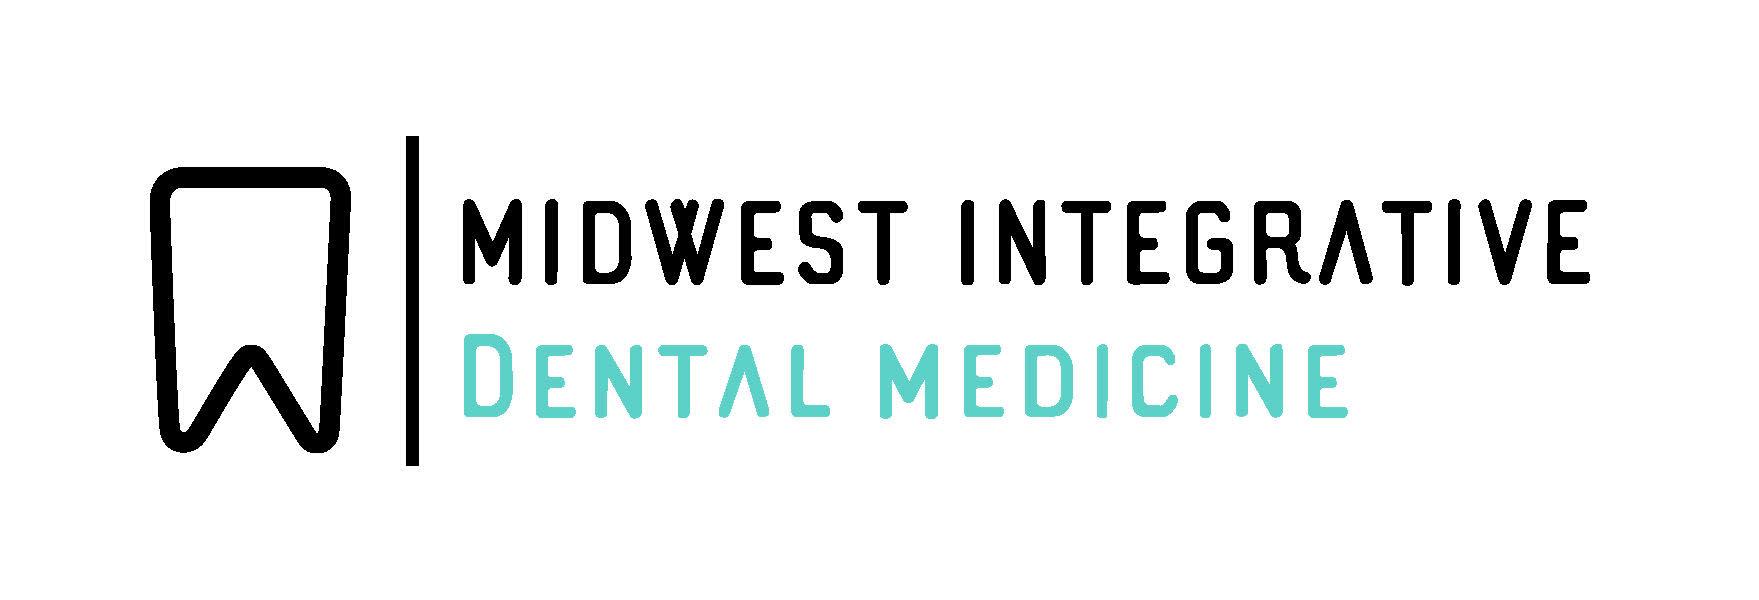 Midwest Integrative Dental Medicine